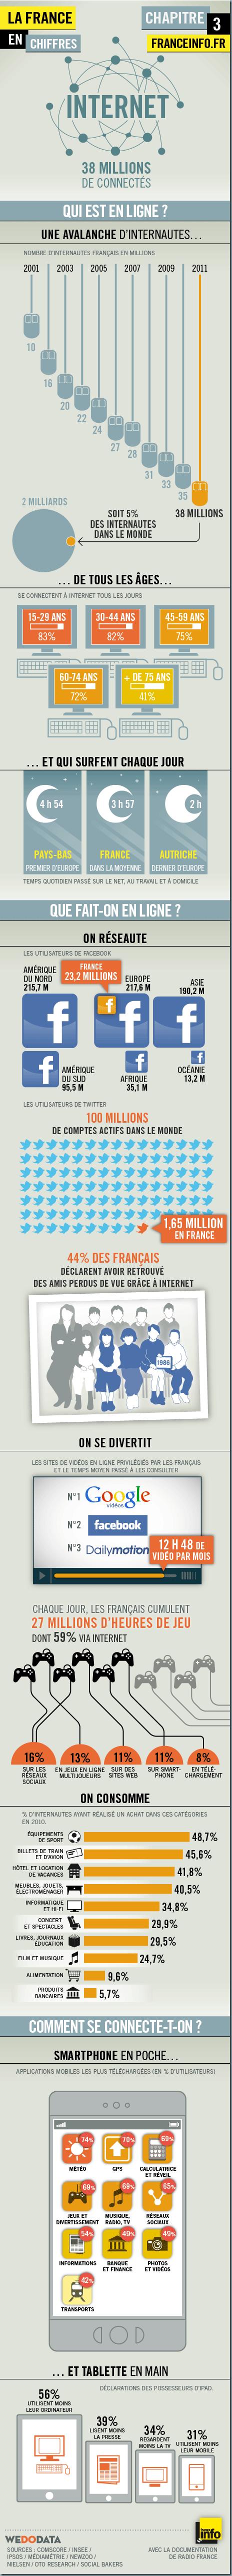 Les chiffres de l' Internet en France